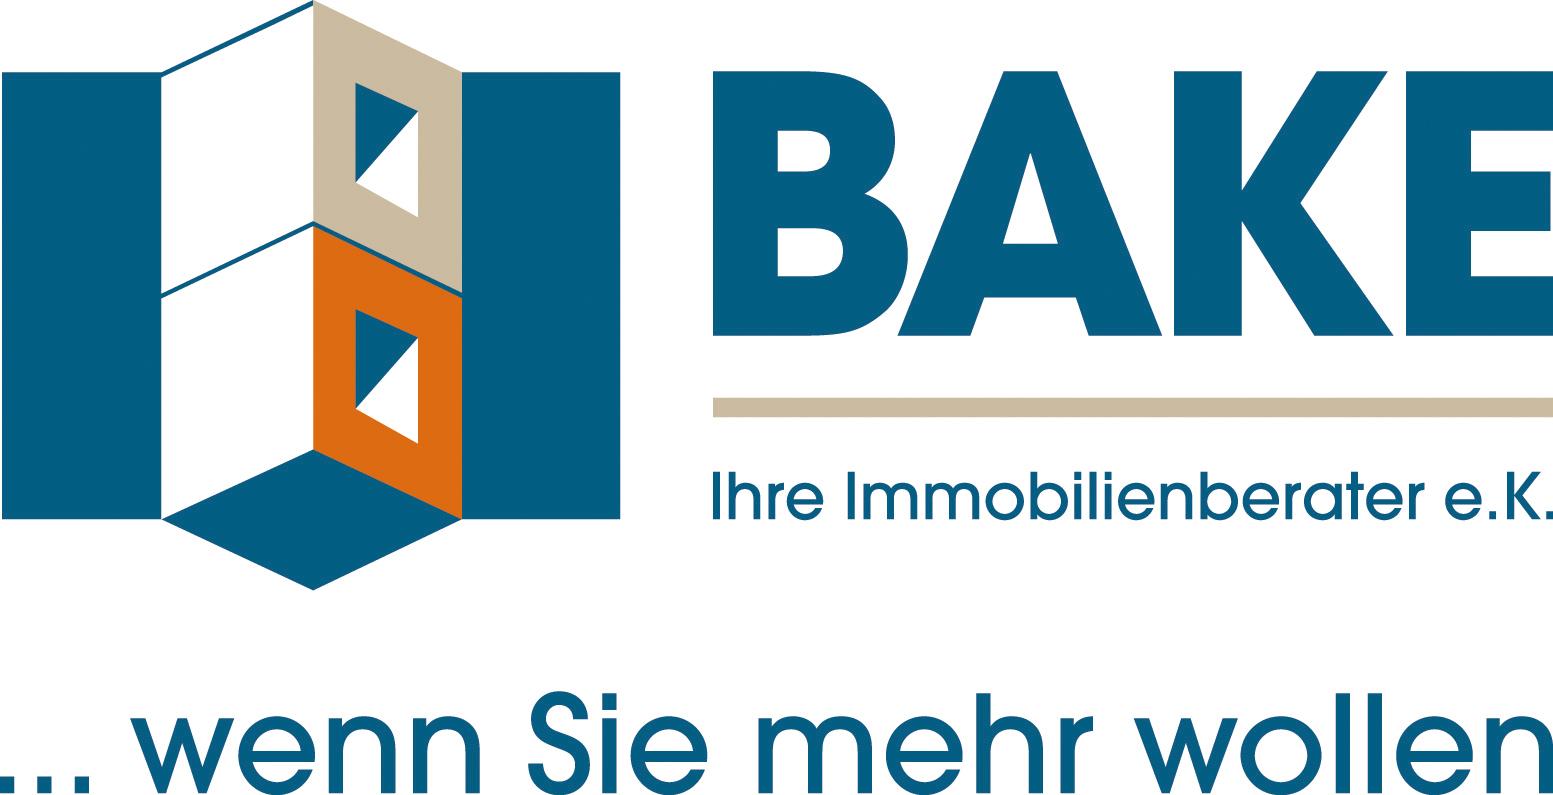 Hier sehen Sie das Logo von BAKE Ihre Immobilienberater e.K.